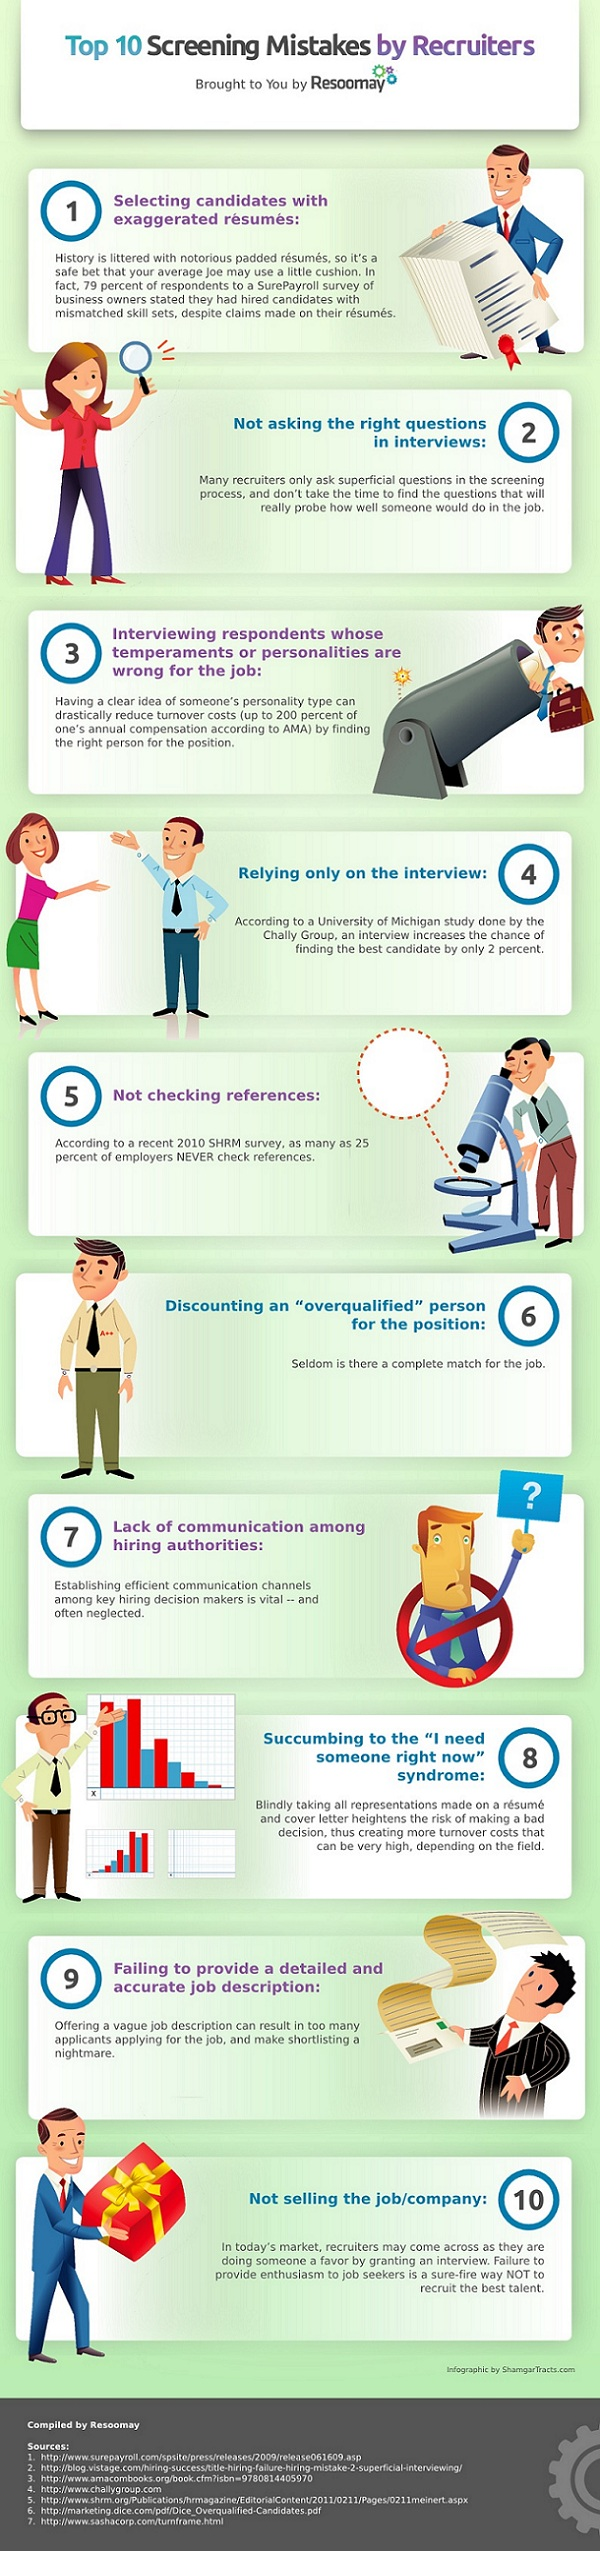 Los 10 errores más habituales de la selección de personal